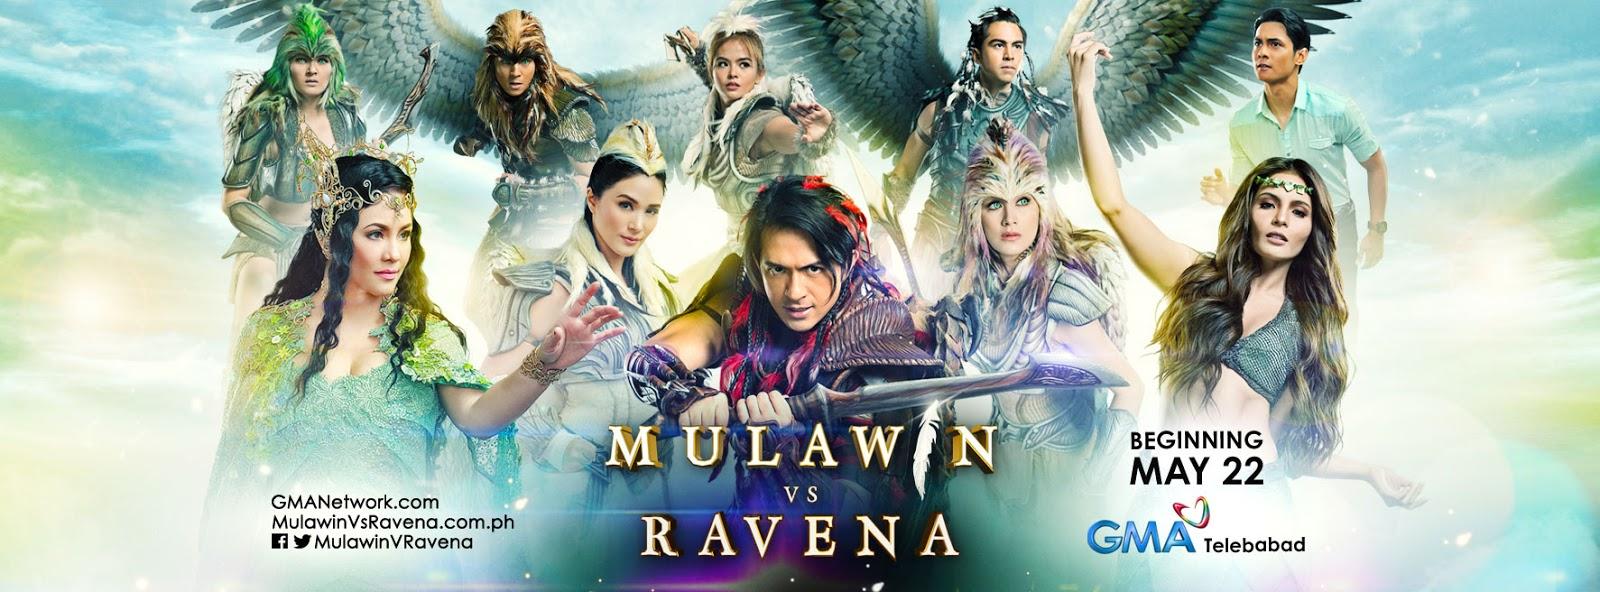 Mulawin versus Ravena May 26 2017